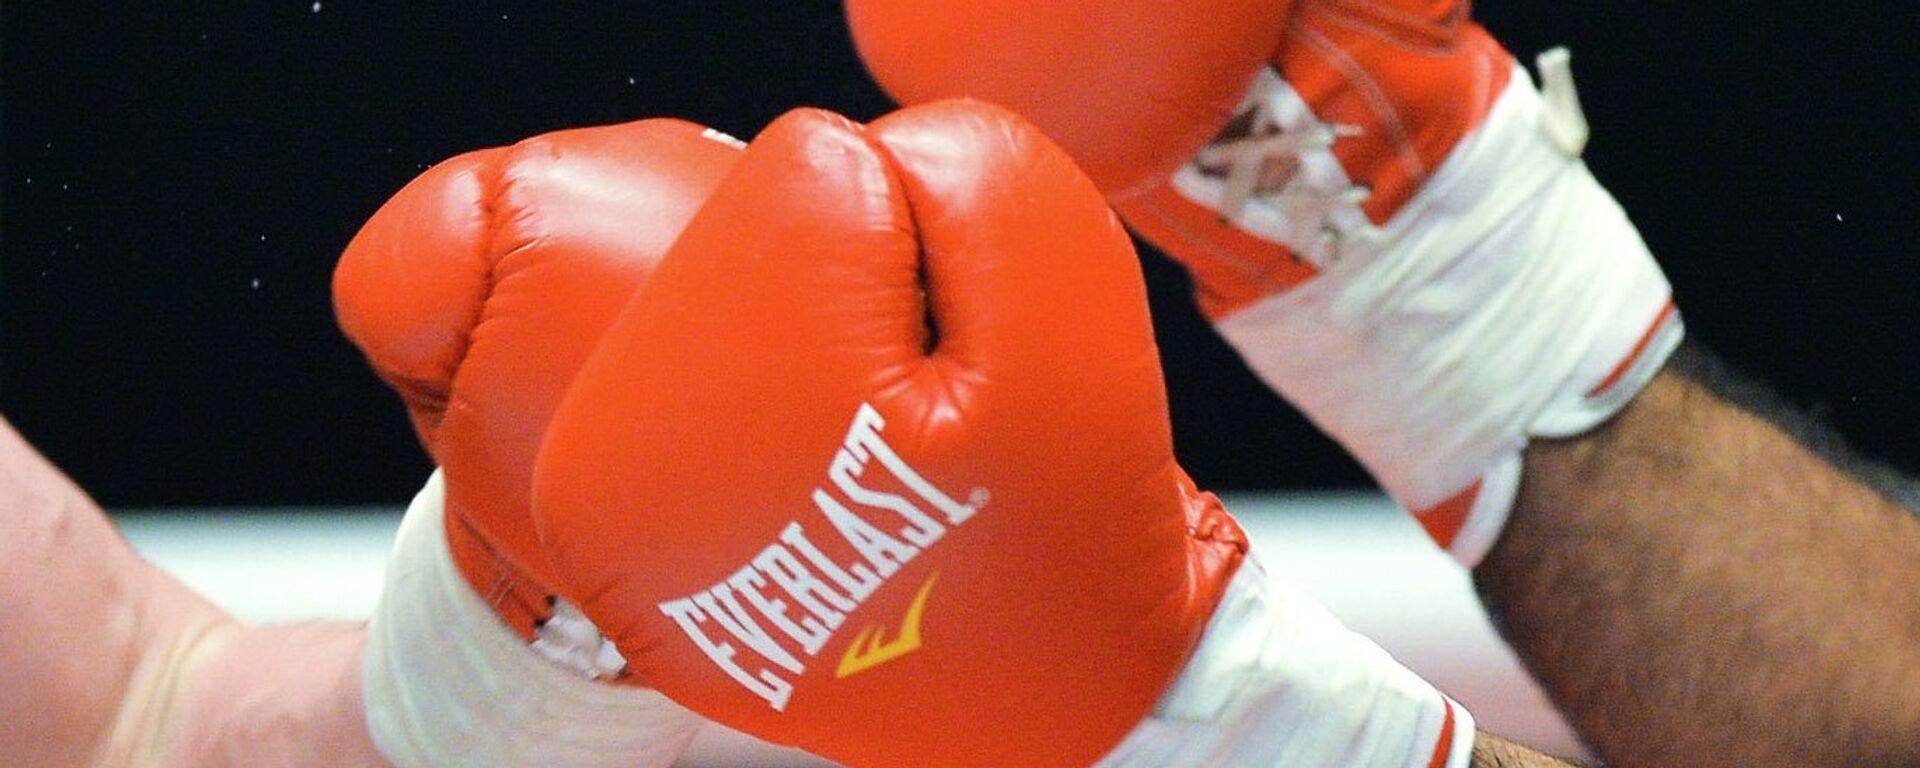 Бокс, архивное фото - Sputnik Таджикистан, 1920, 10.09.2021